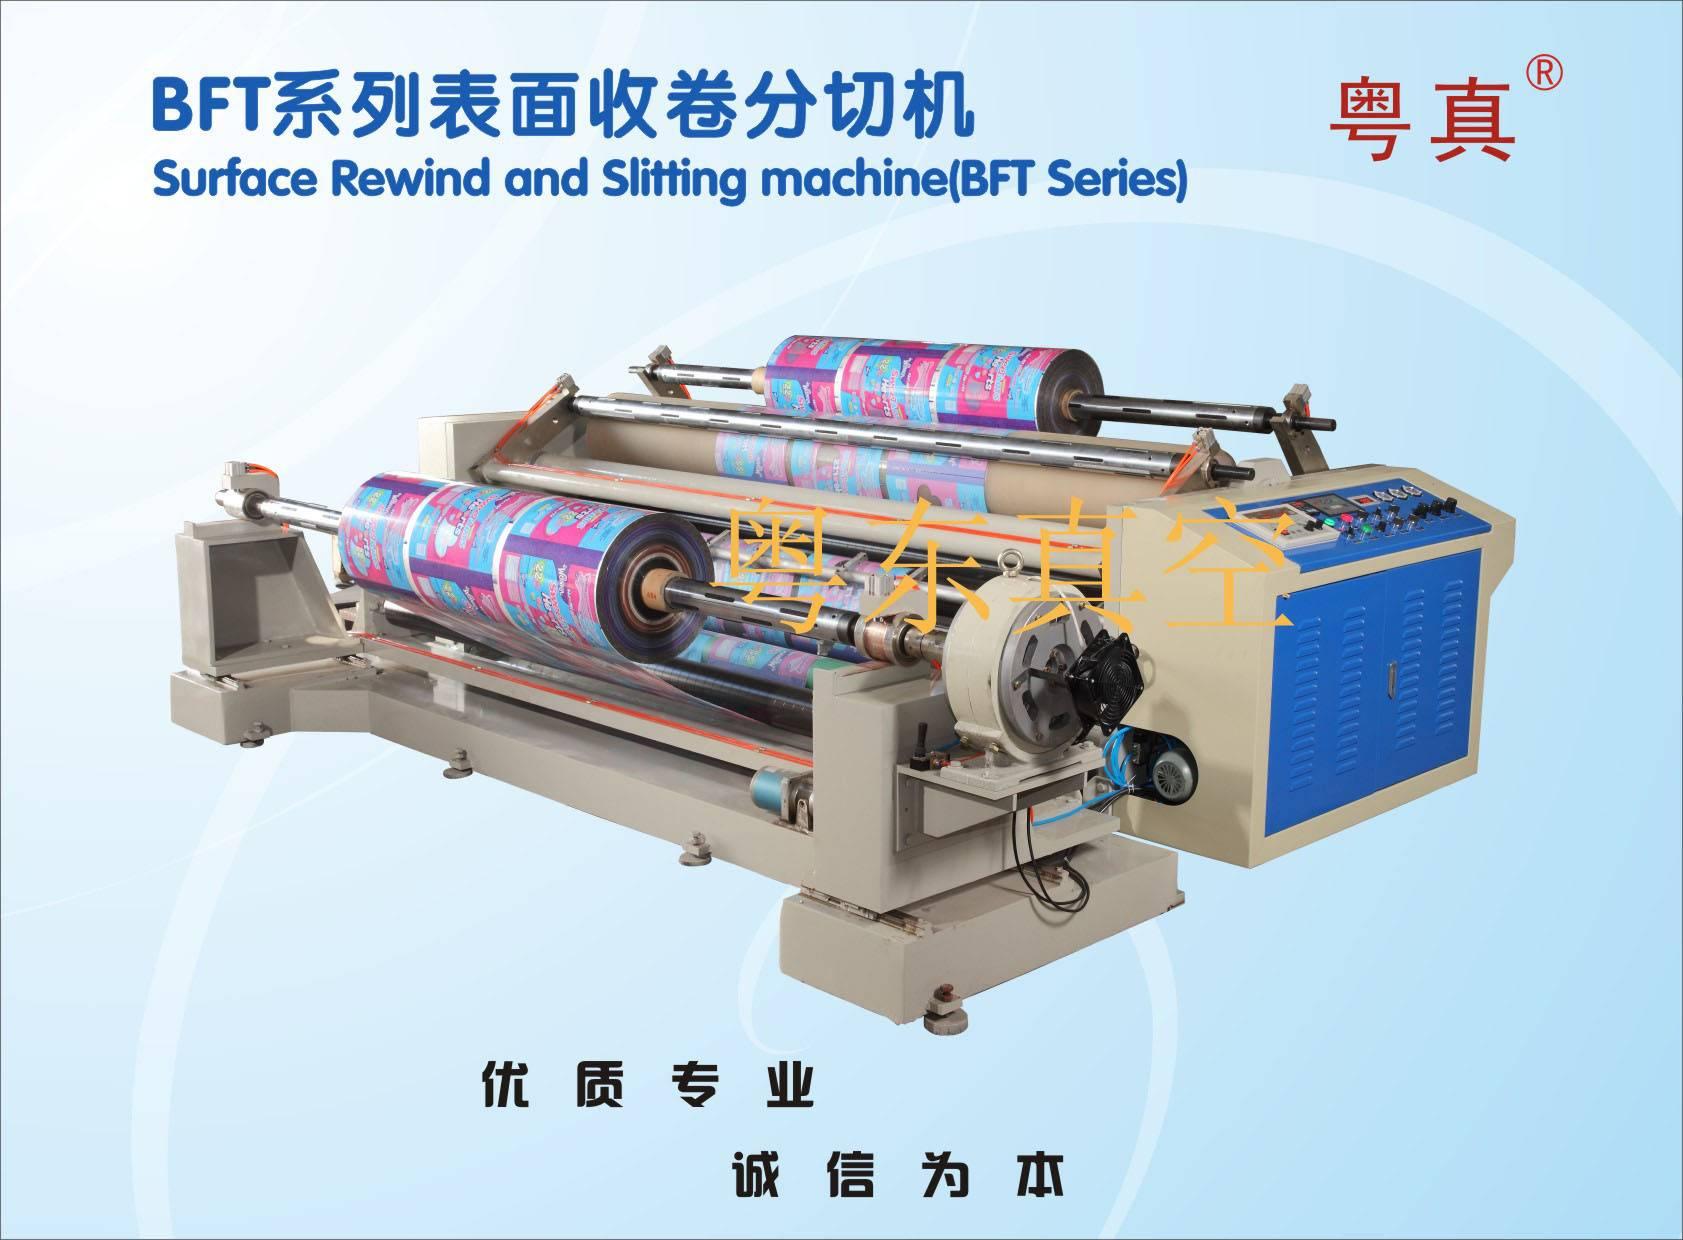 rewinder and slitter machine